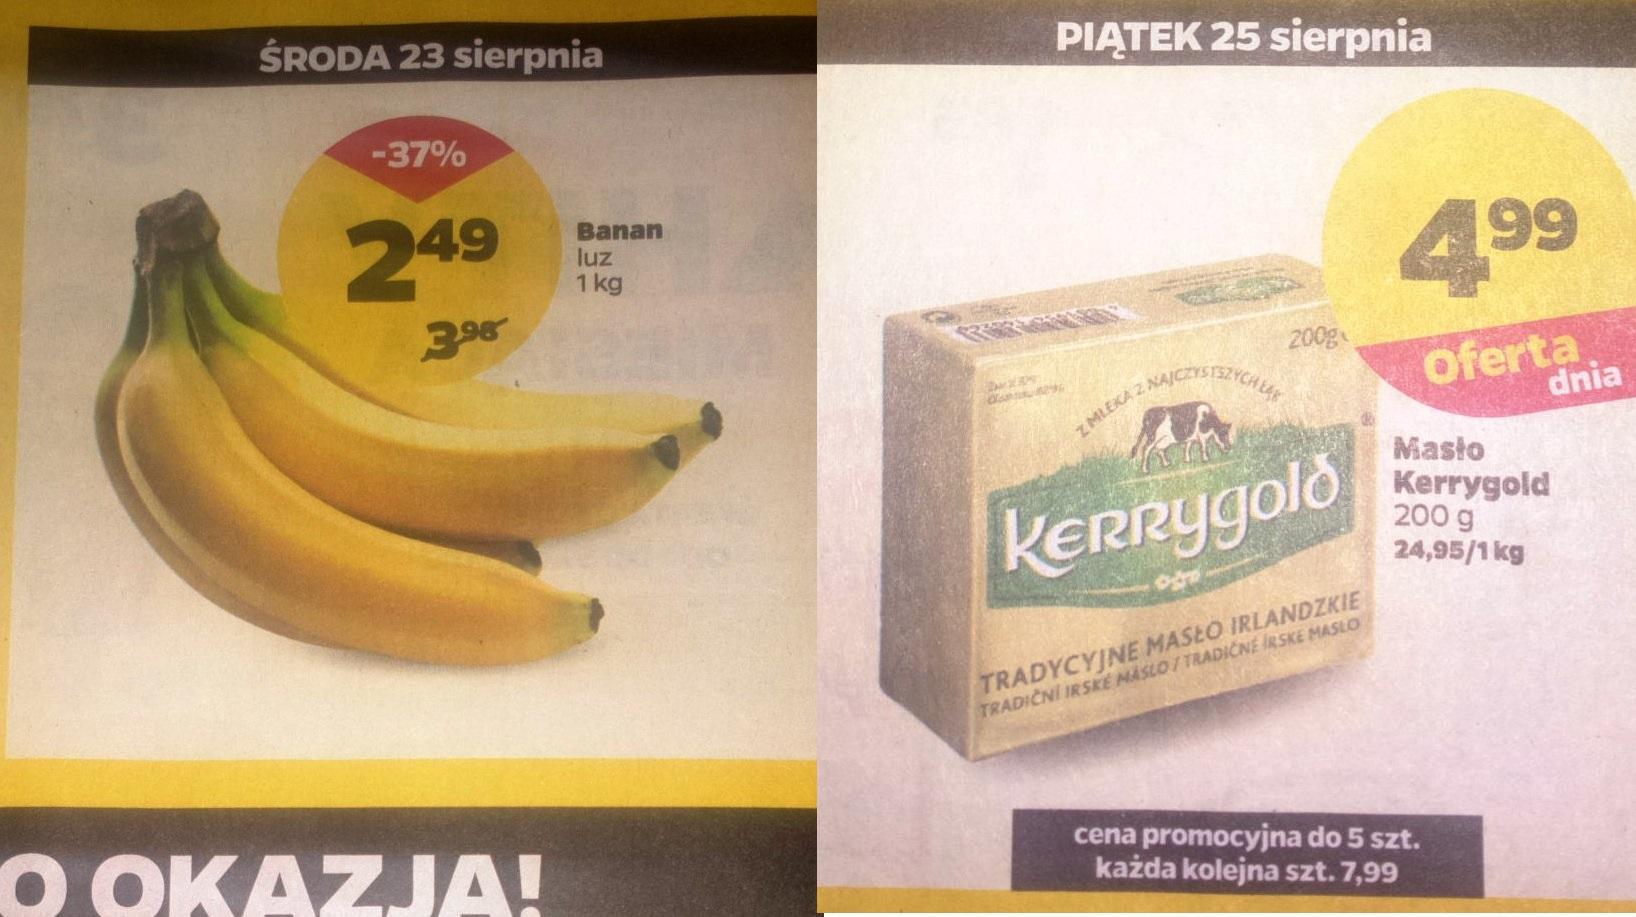 Netto:25.08 masło Kerrygold 4,99zł (z 7,99zł) 200g,banany 2,49zł/kg 23.08